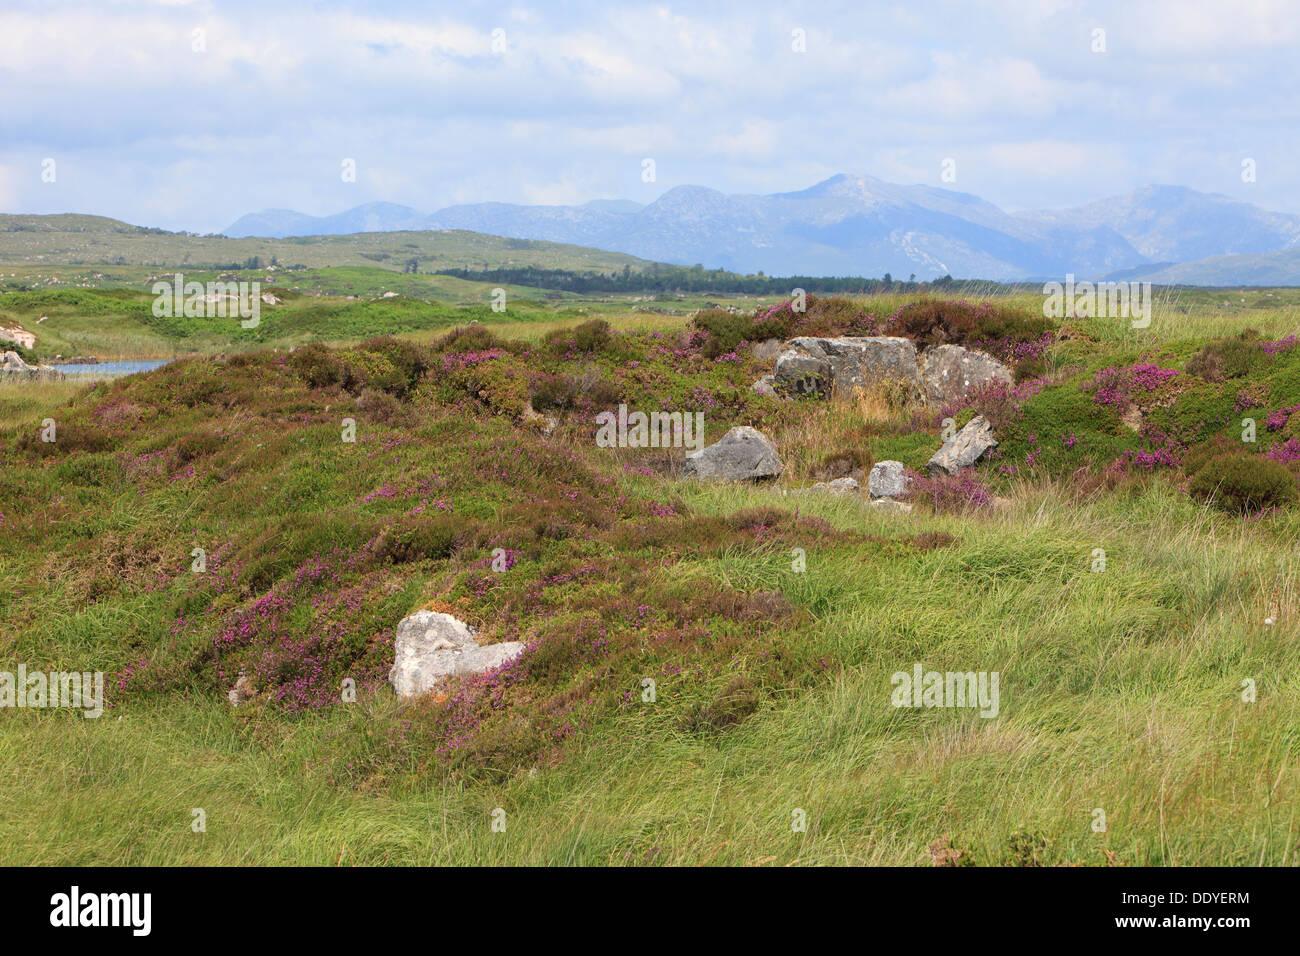 The Twelve Bens in the Connemara, Ireland - Stock Image